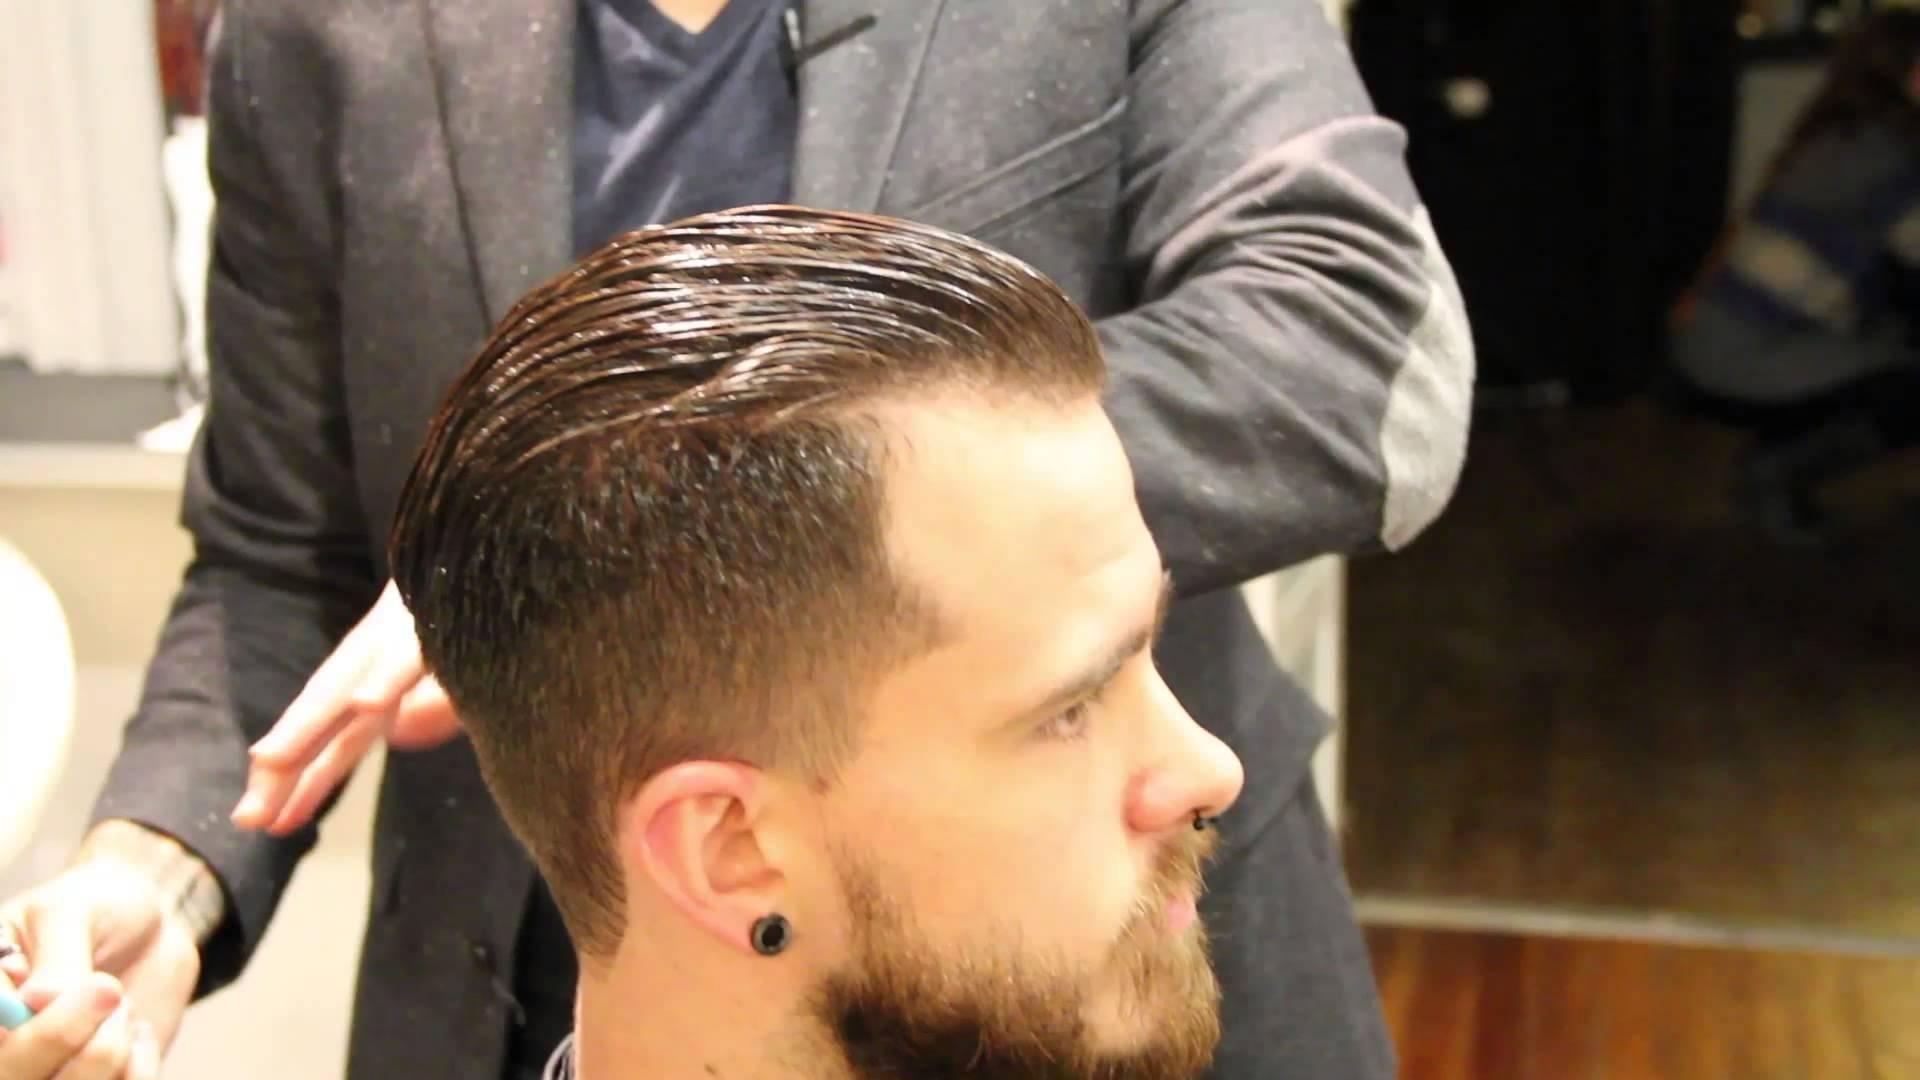 Pompadour Haircut - How To Cut A Pompadour Haircut - How To Style A for Pompadour Haircut For Thin Hair